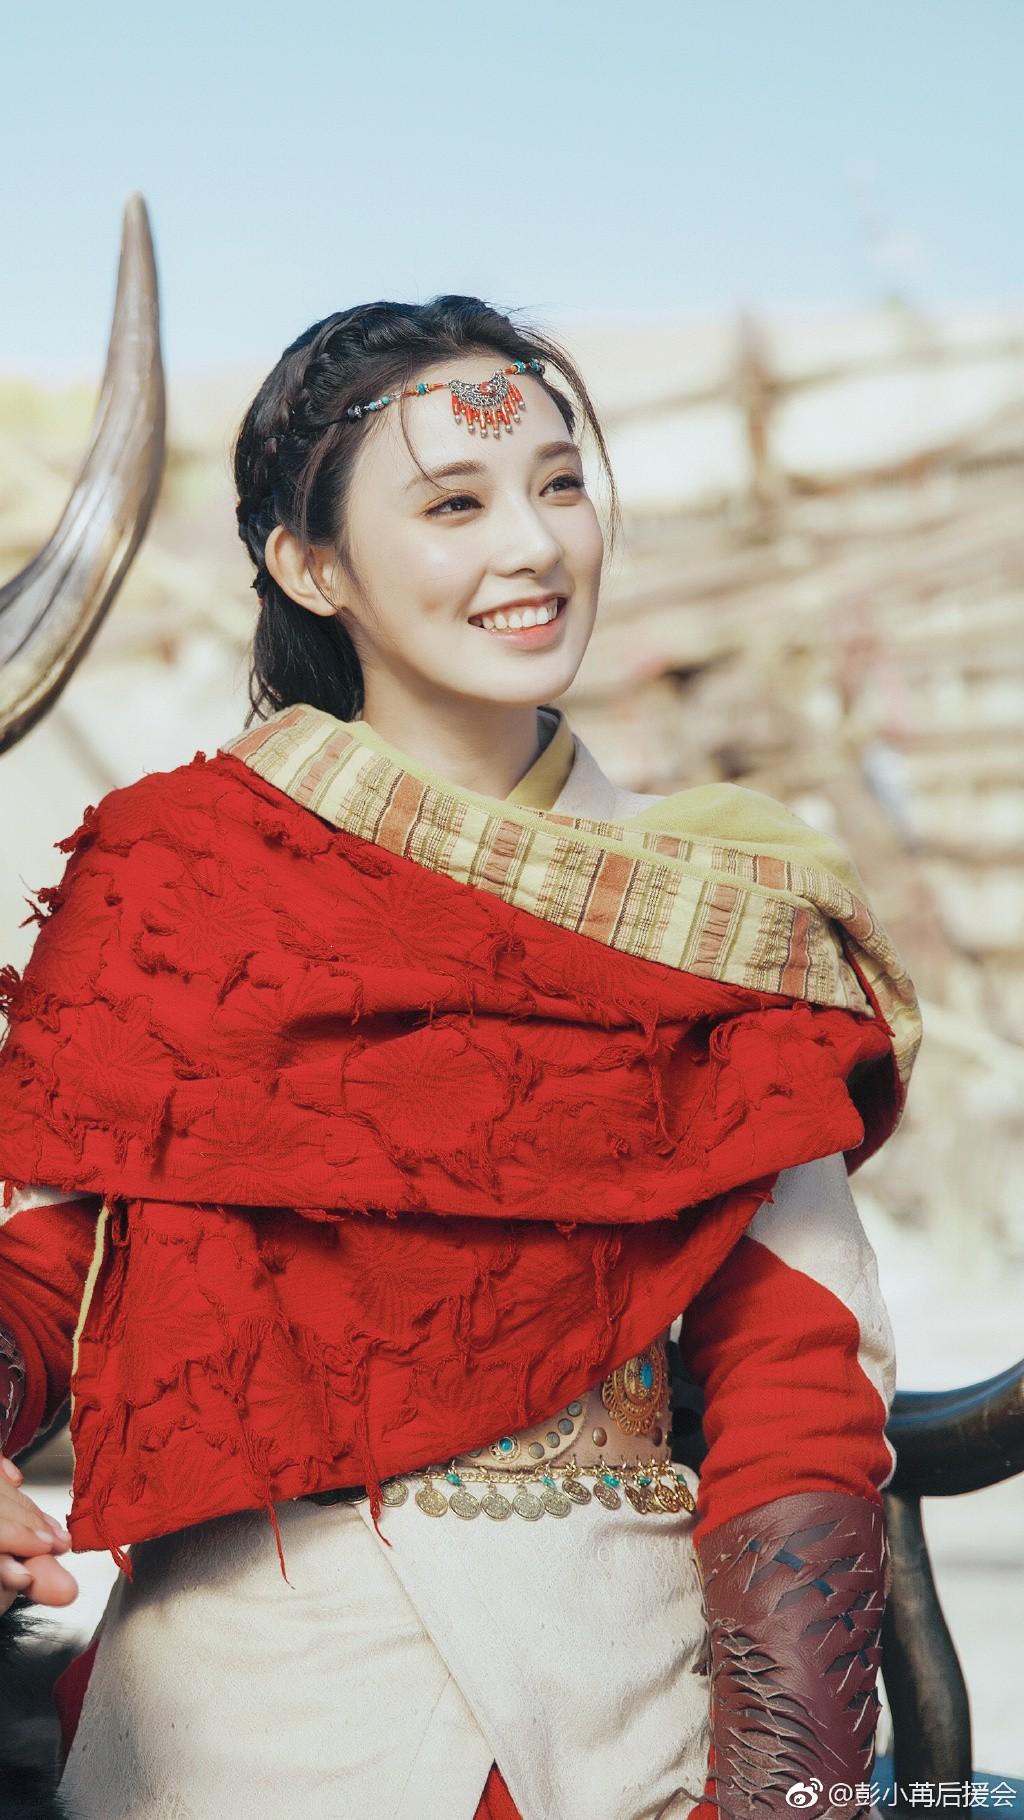 Netizen xỉu lên xỉu xuống với nhan sắc tiên tử của Bành Tiểu Nhiễm ở phim mới nhưng sao giống thời Đông Cung dữ ta! - Ảnh 5.